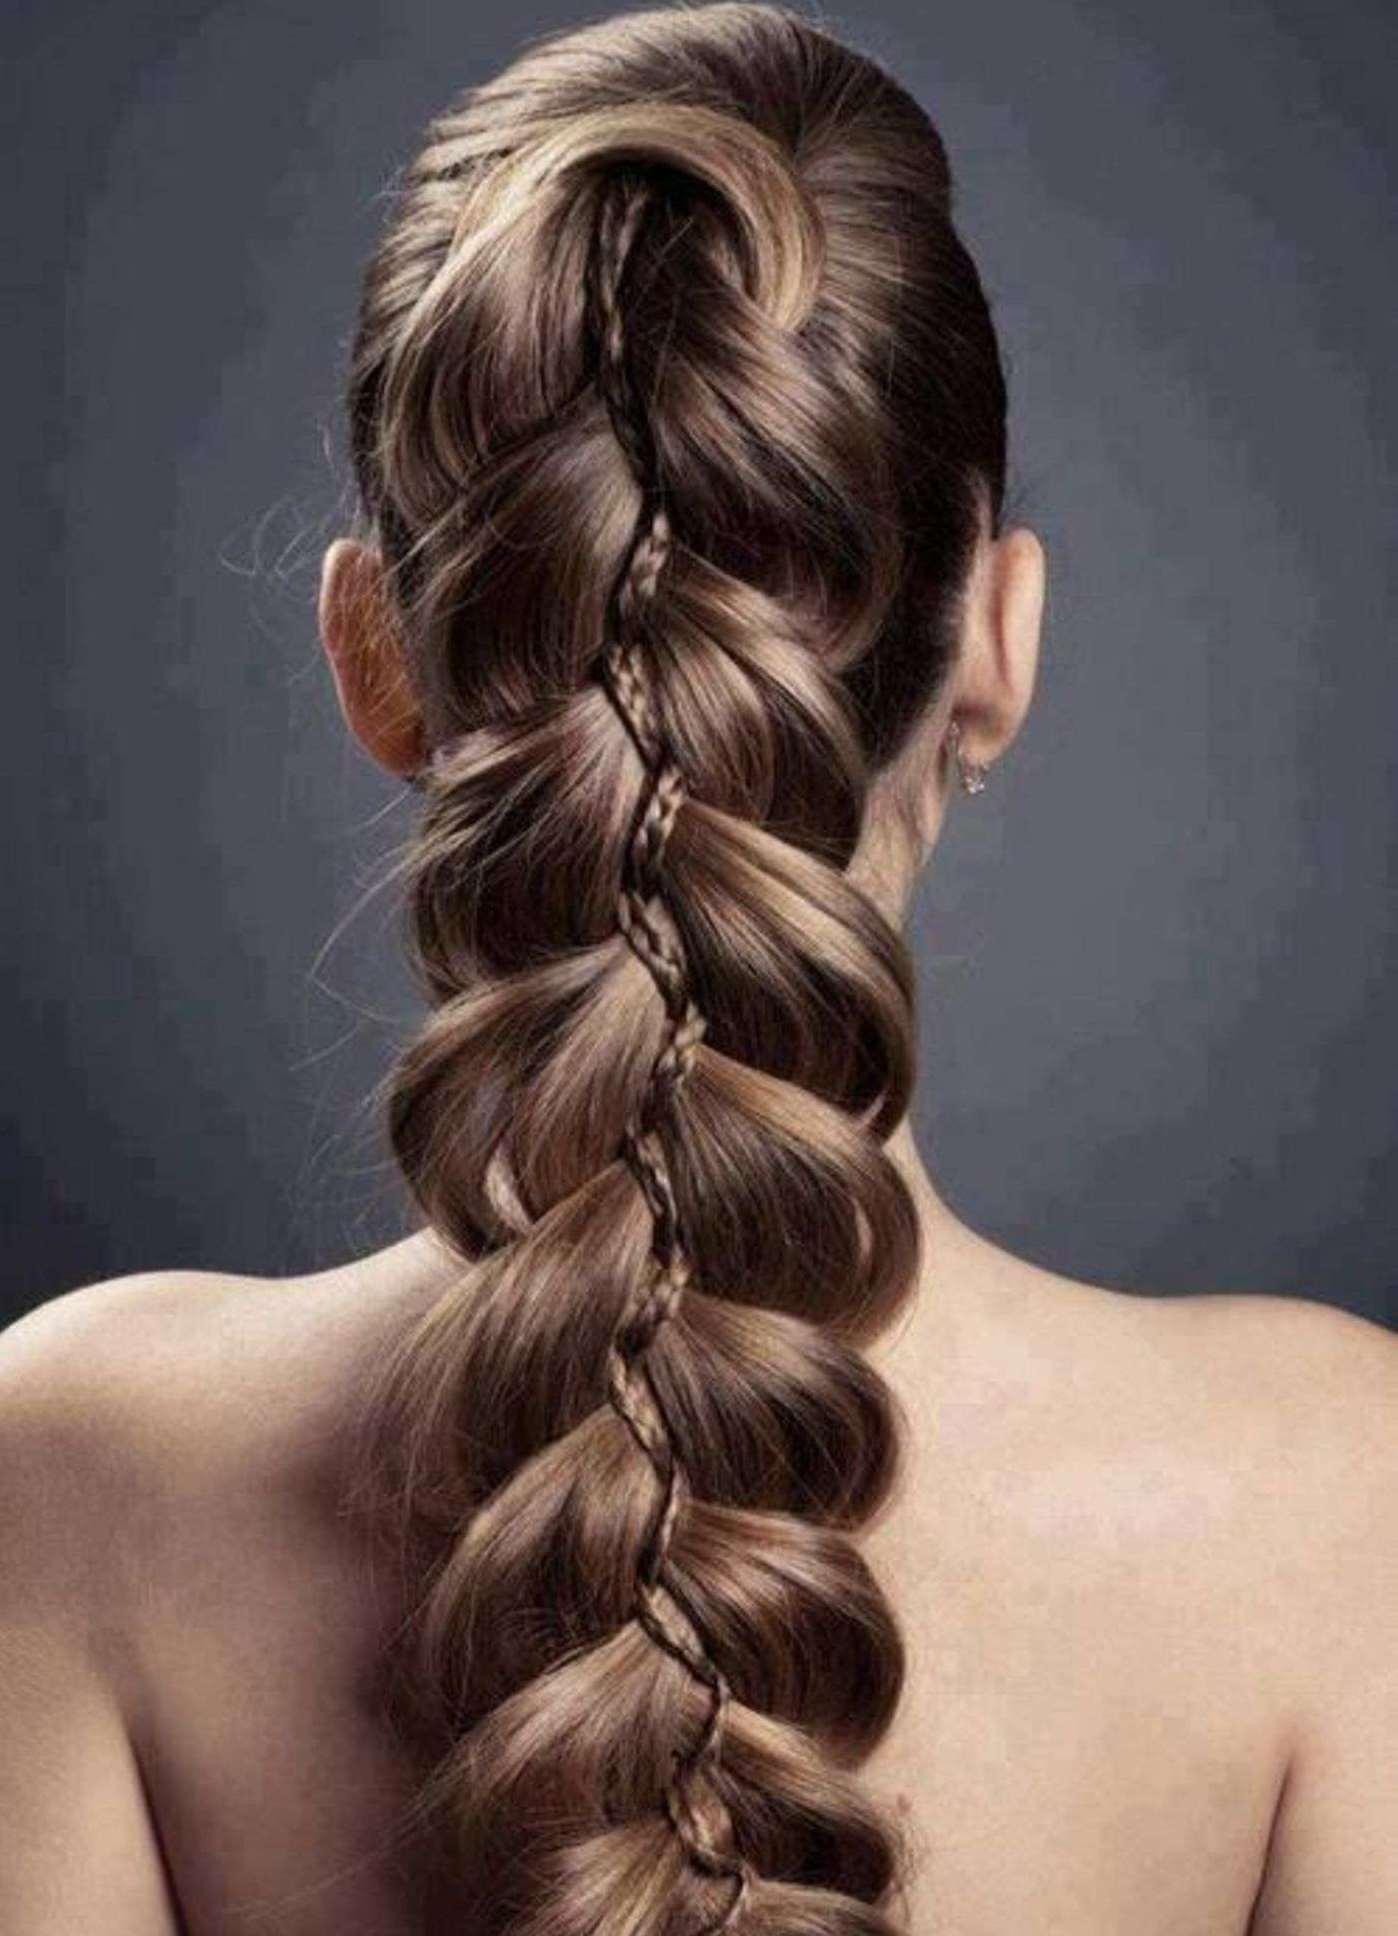 Самая красивая коса картинки